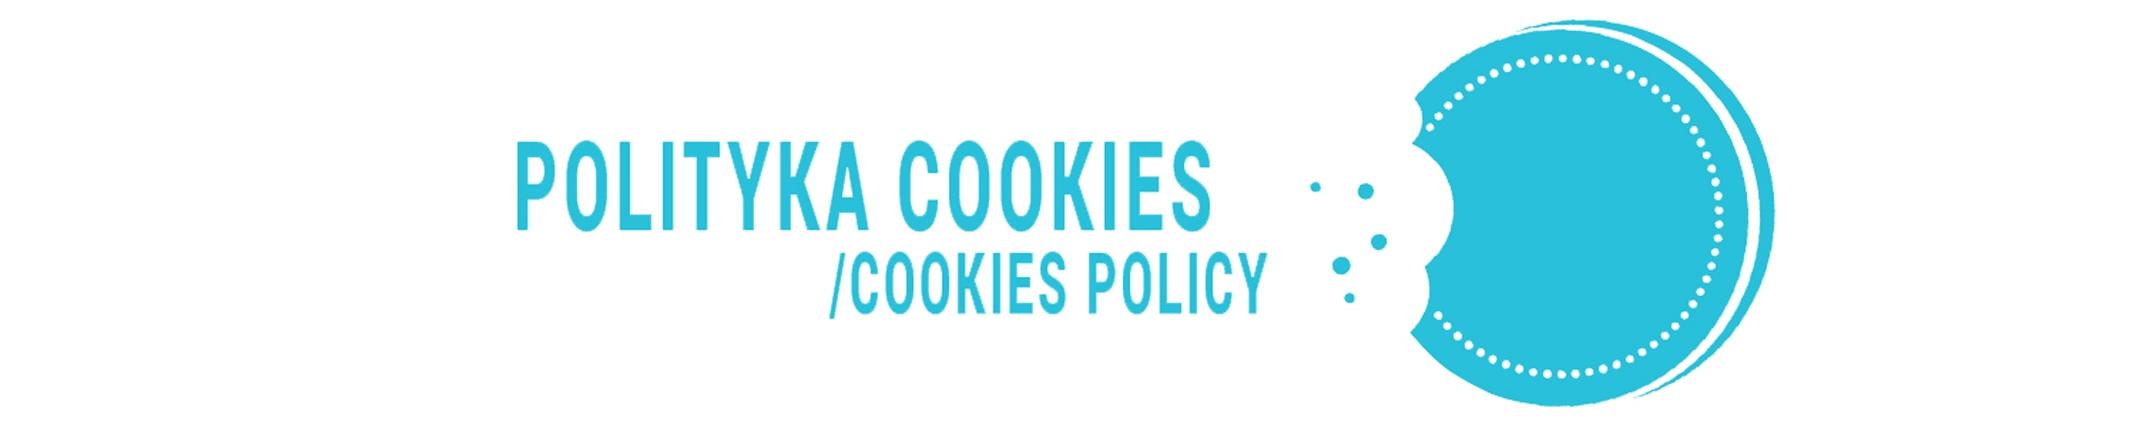 Cookies - visual image